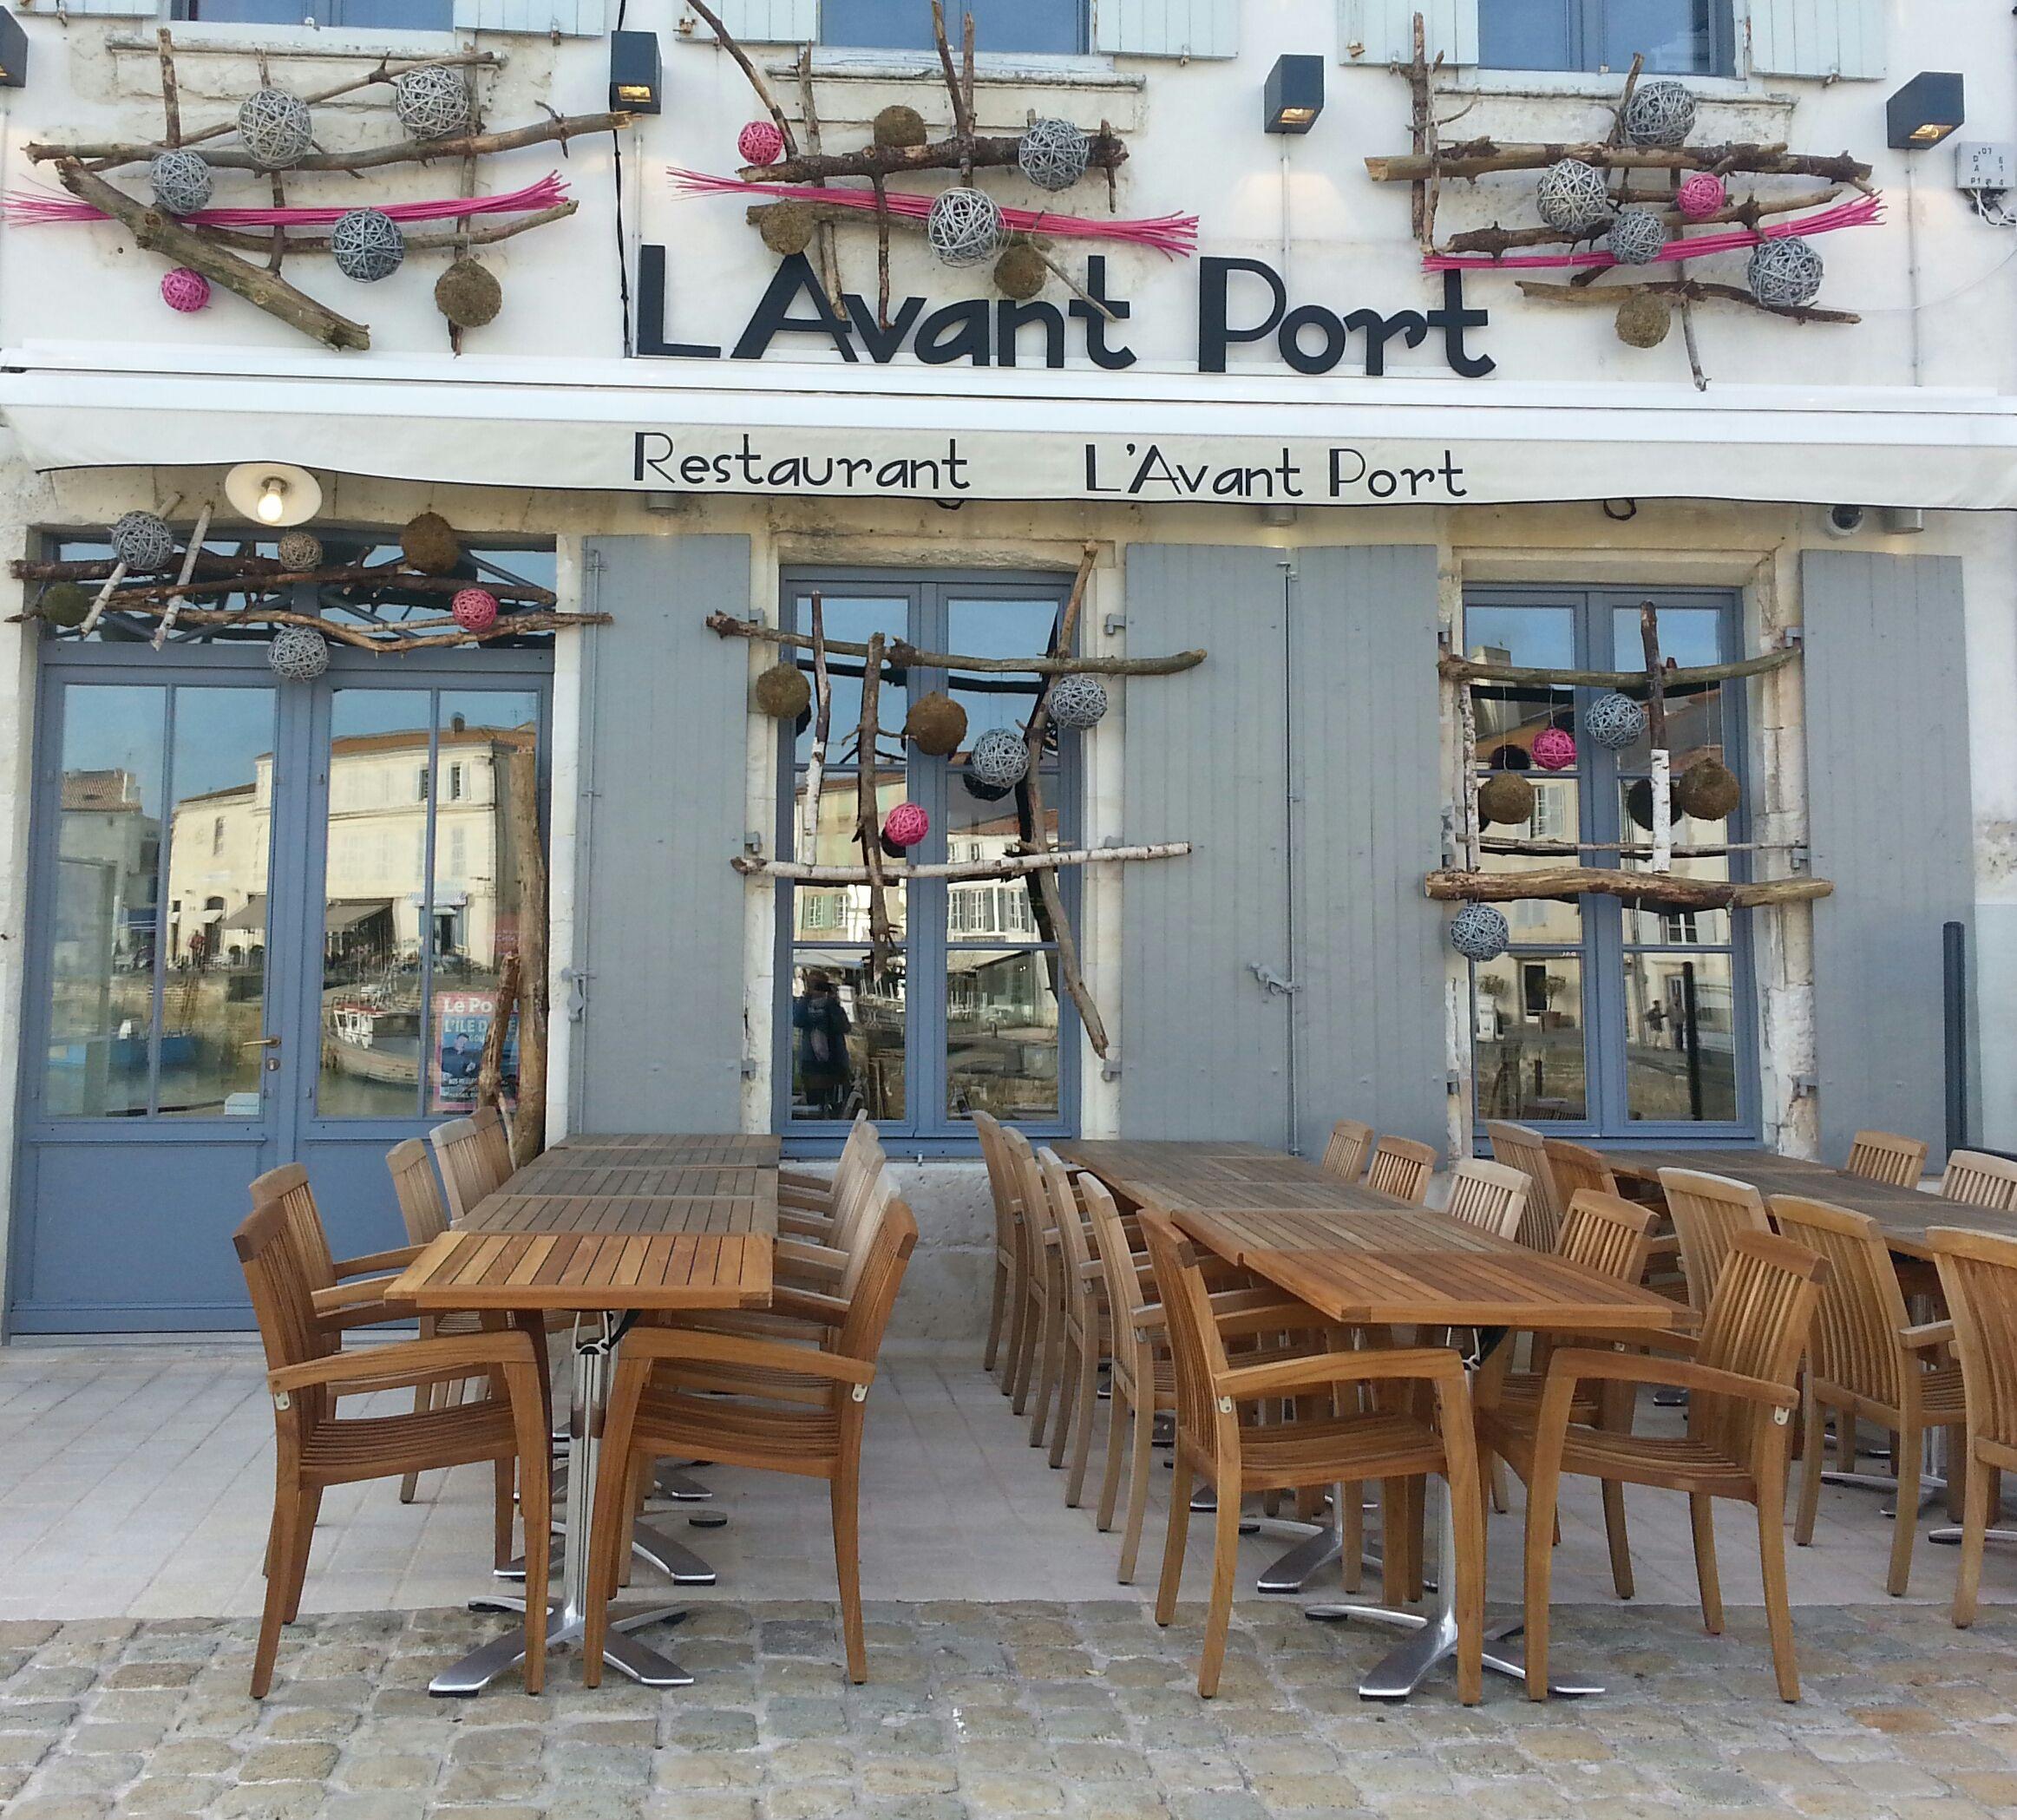 Restaurant L'Avant Port sur le quai de Saint Martin de Ré - crédit photos : My urban sweetnesses